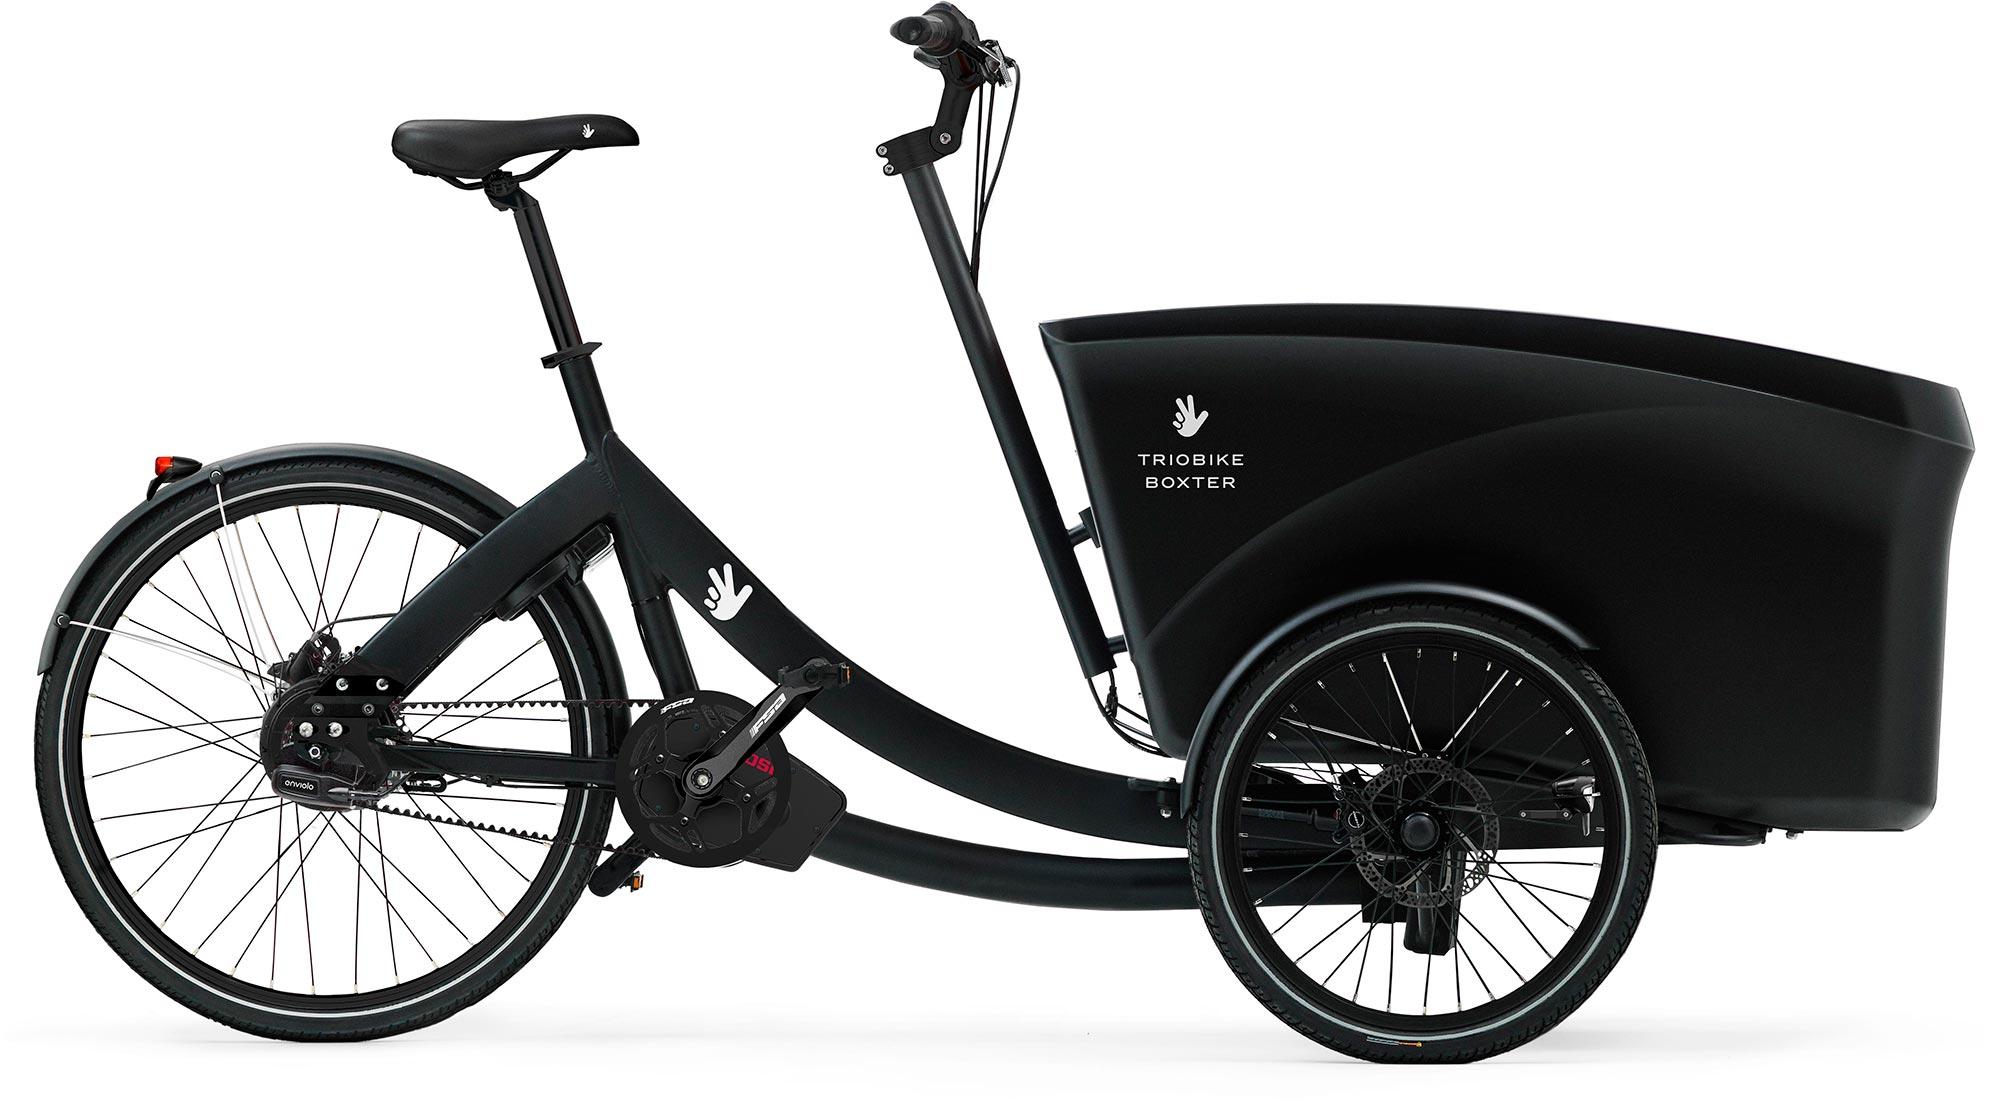 Triobike Boxter E Lasten e-Bike / Cargo e-Bike 2019